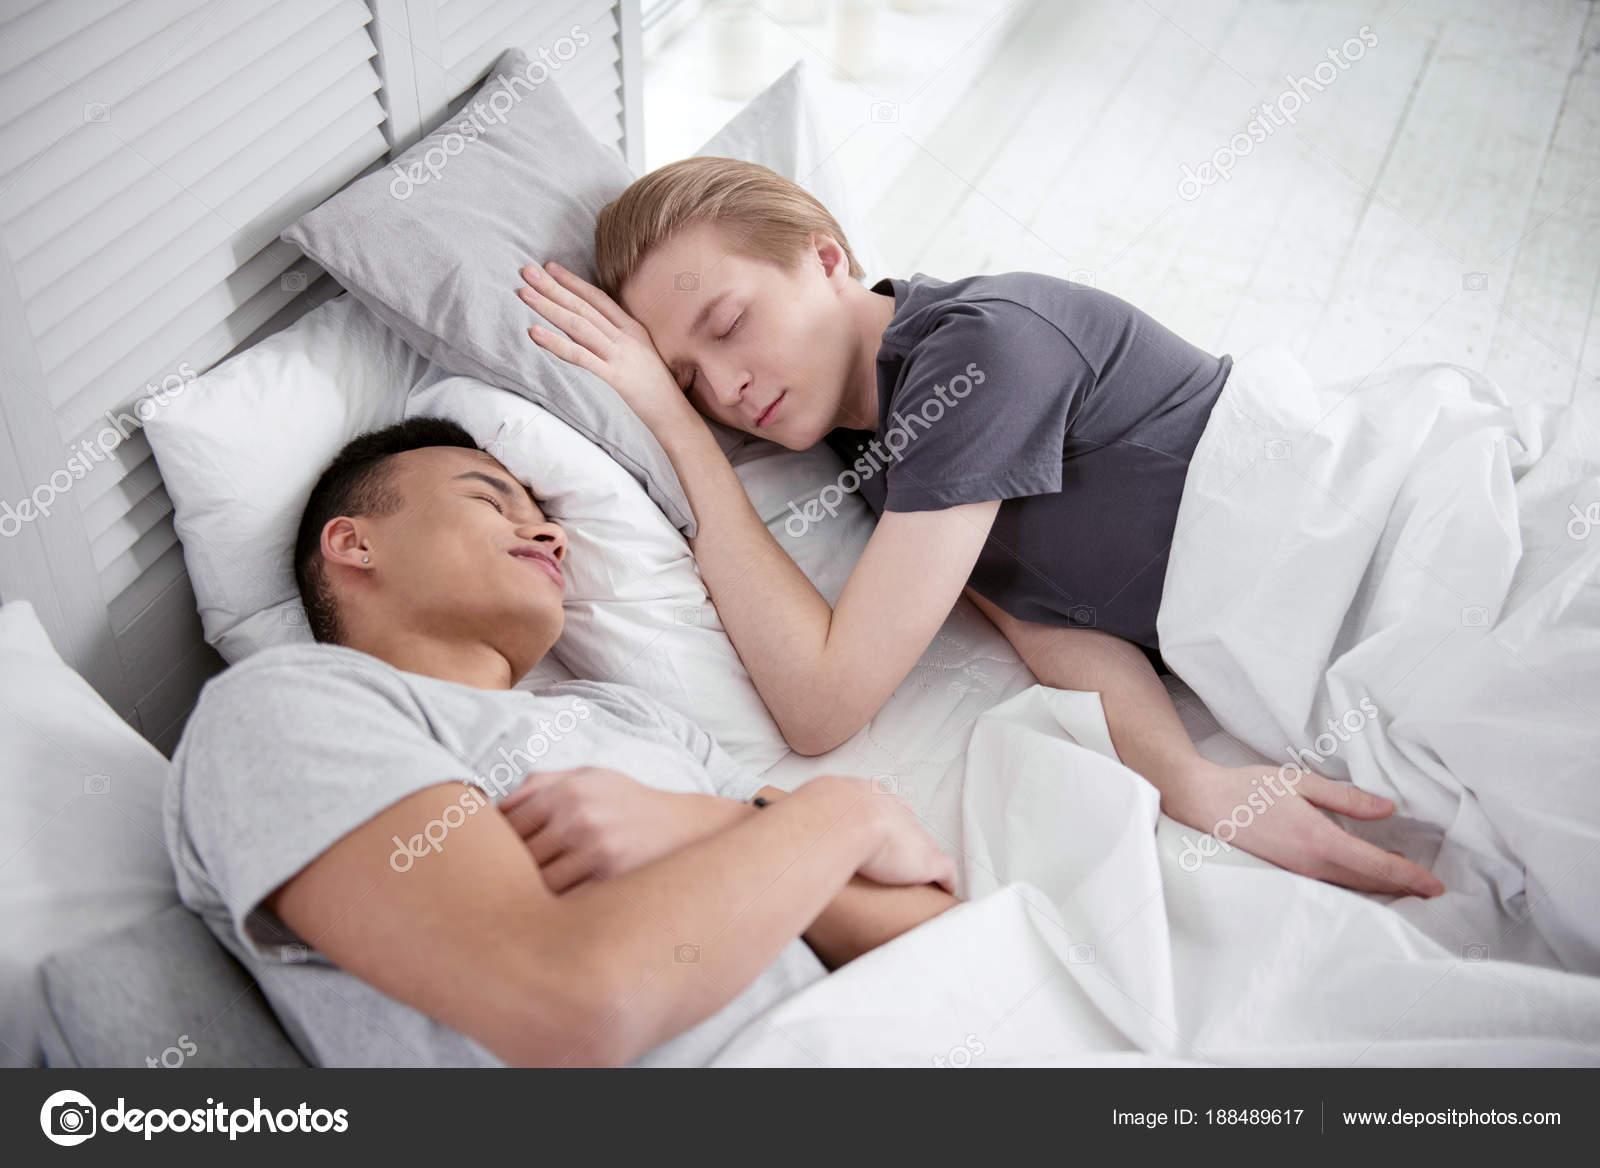 HD Sex · Meleg Aludni · Cumizás, Gesztenyebarna, Krémes süti, Láb, Lábszex, Nagylány, Fehérnemű, Vékony 36:18.